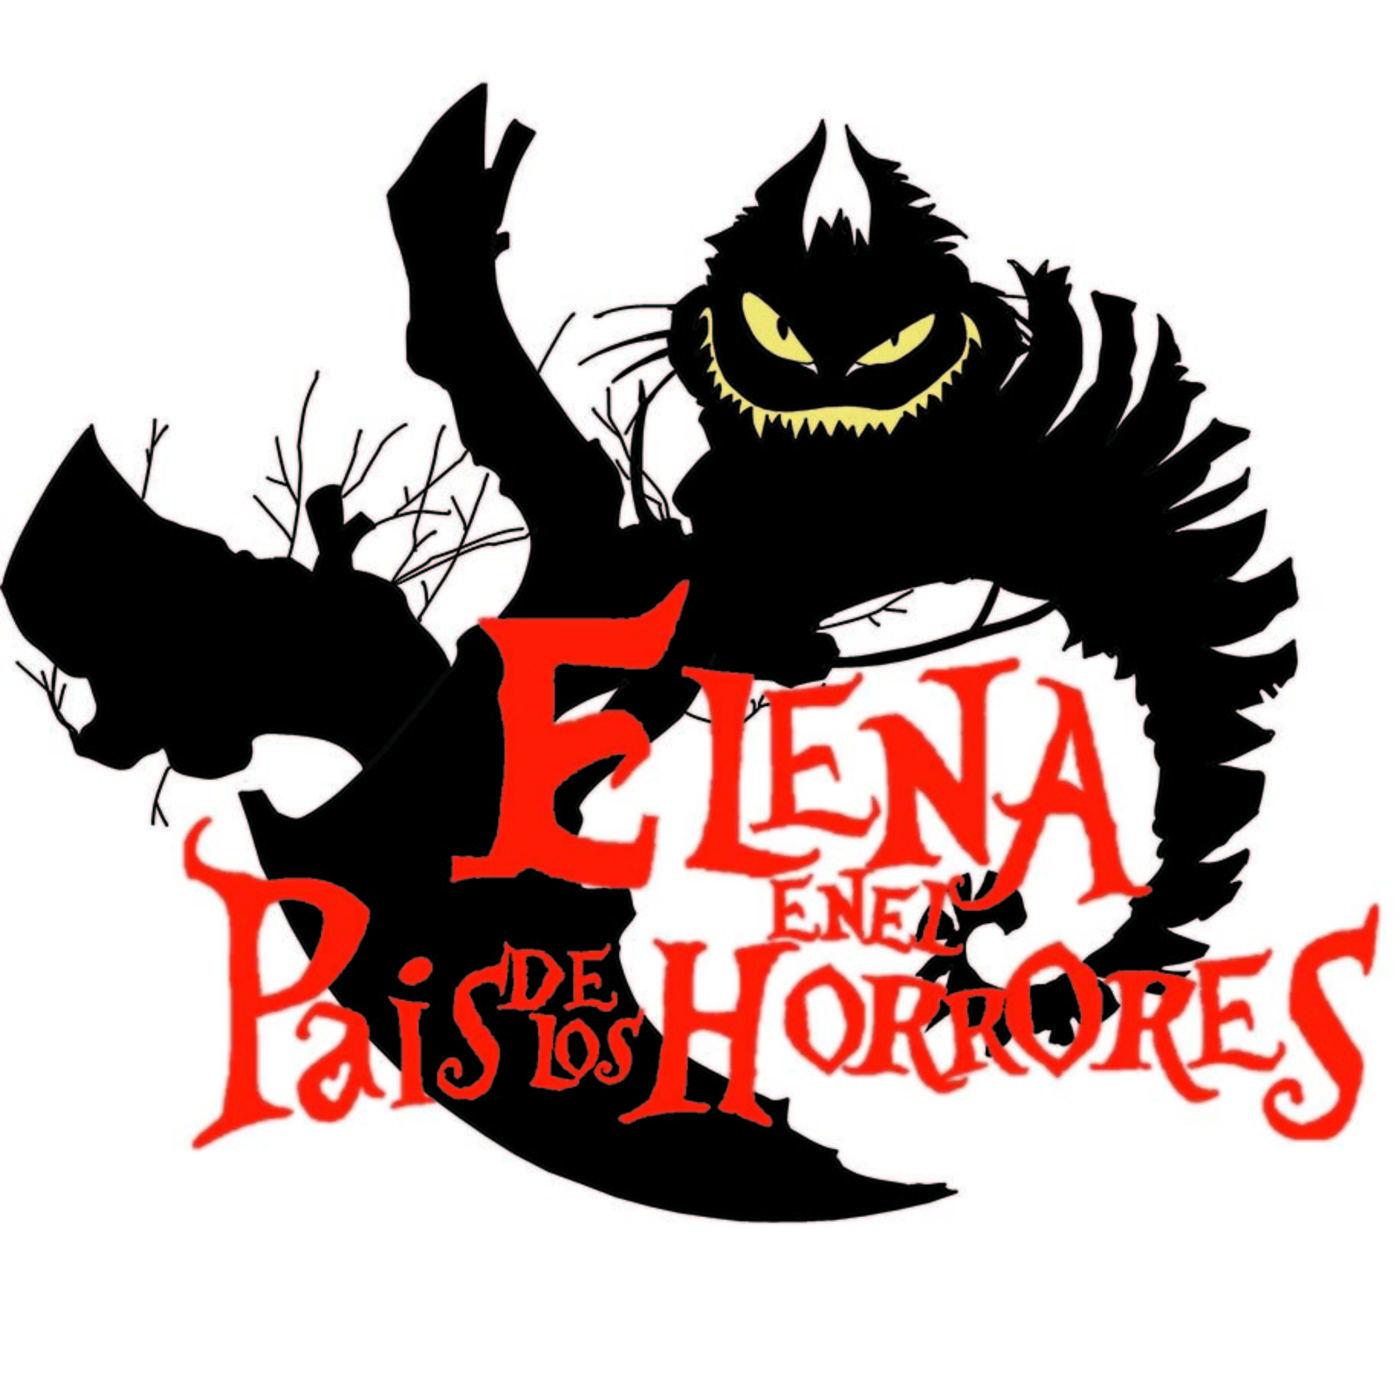 2019-3-18 EPH: Asesinos satánicos; Aleister Crowley; trilogía de